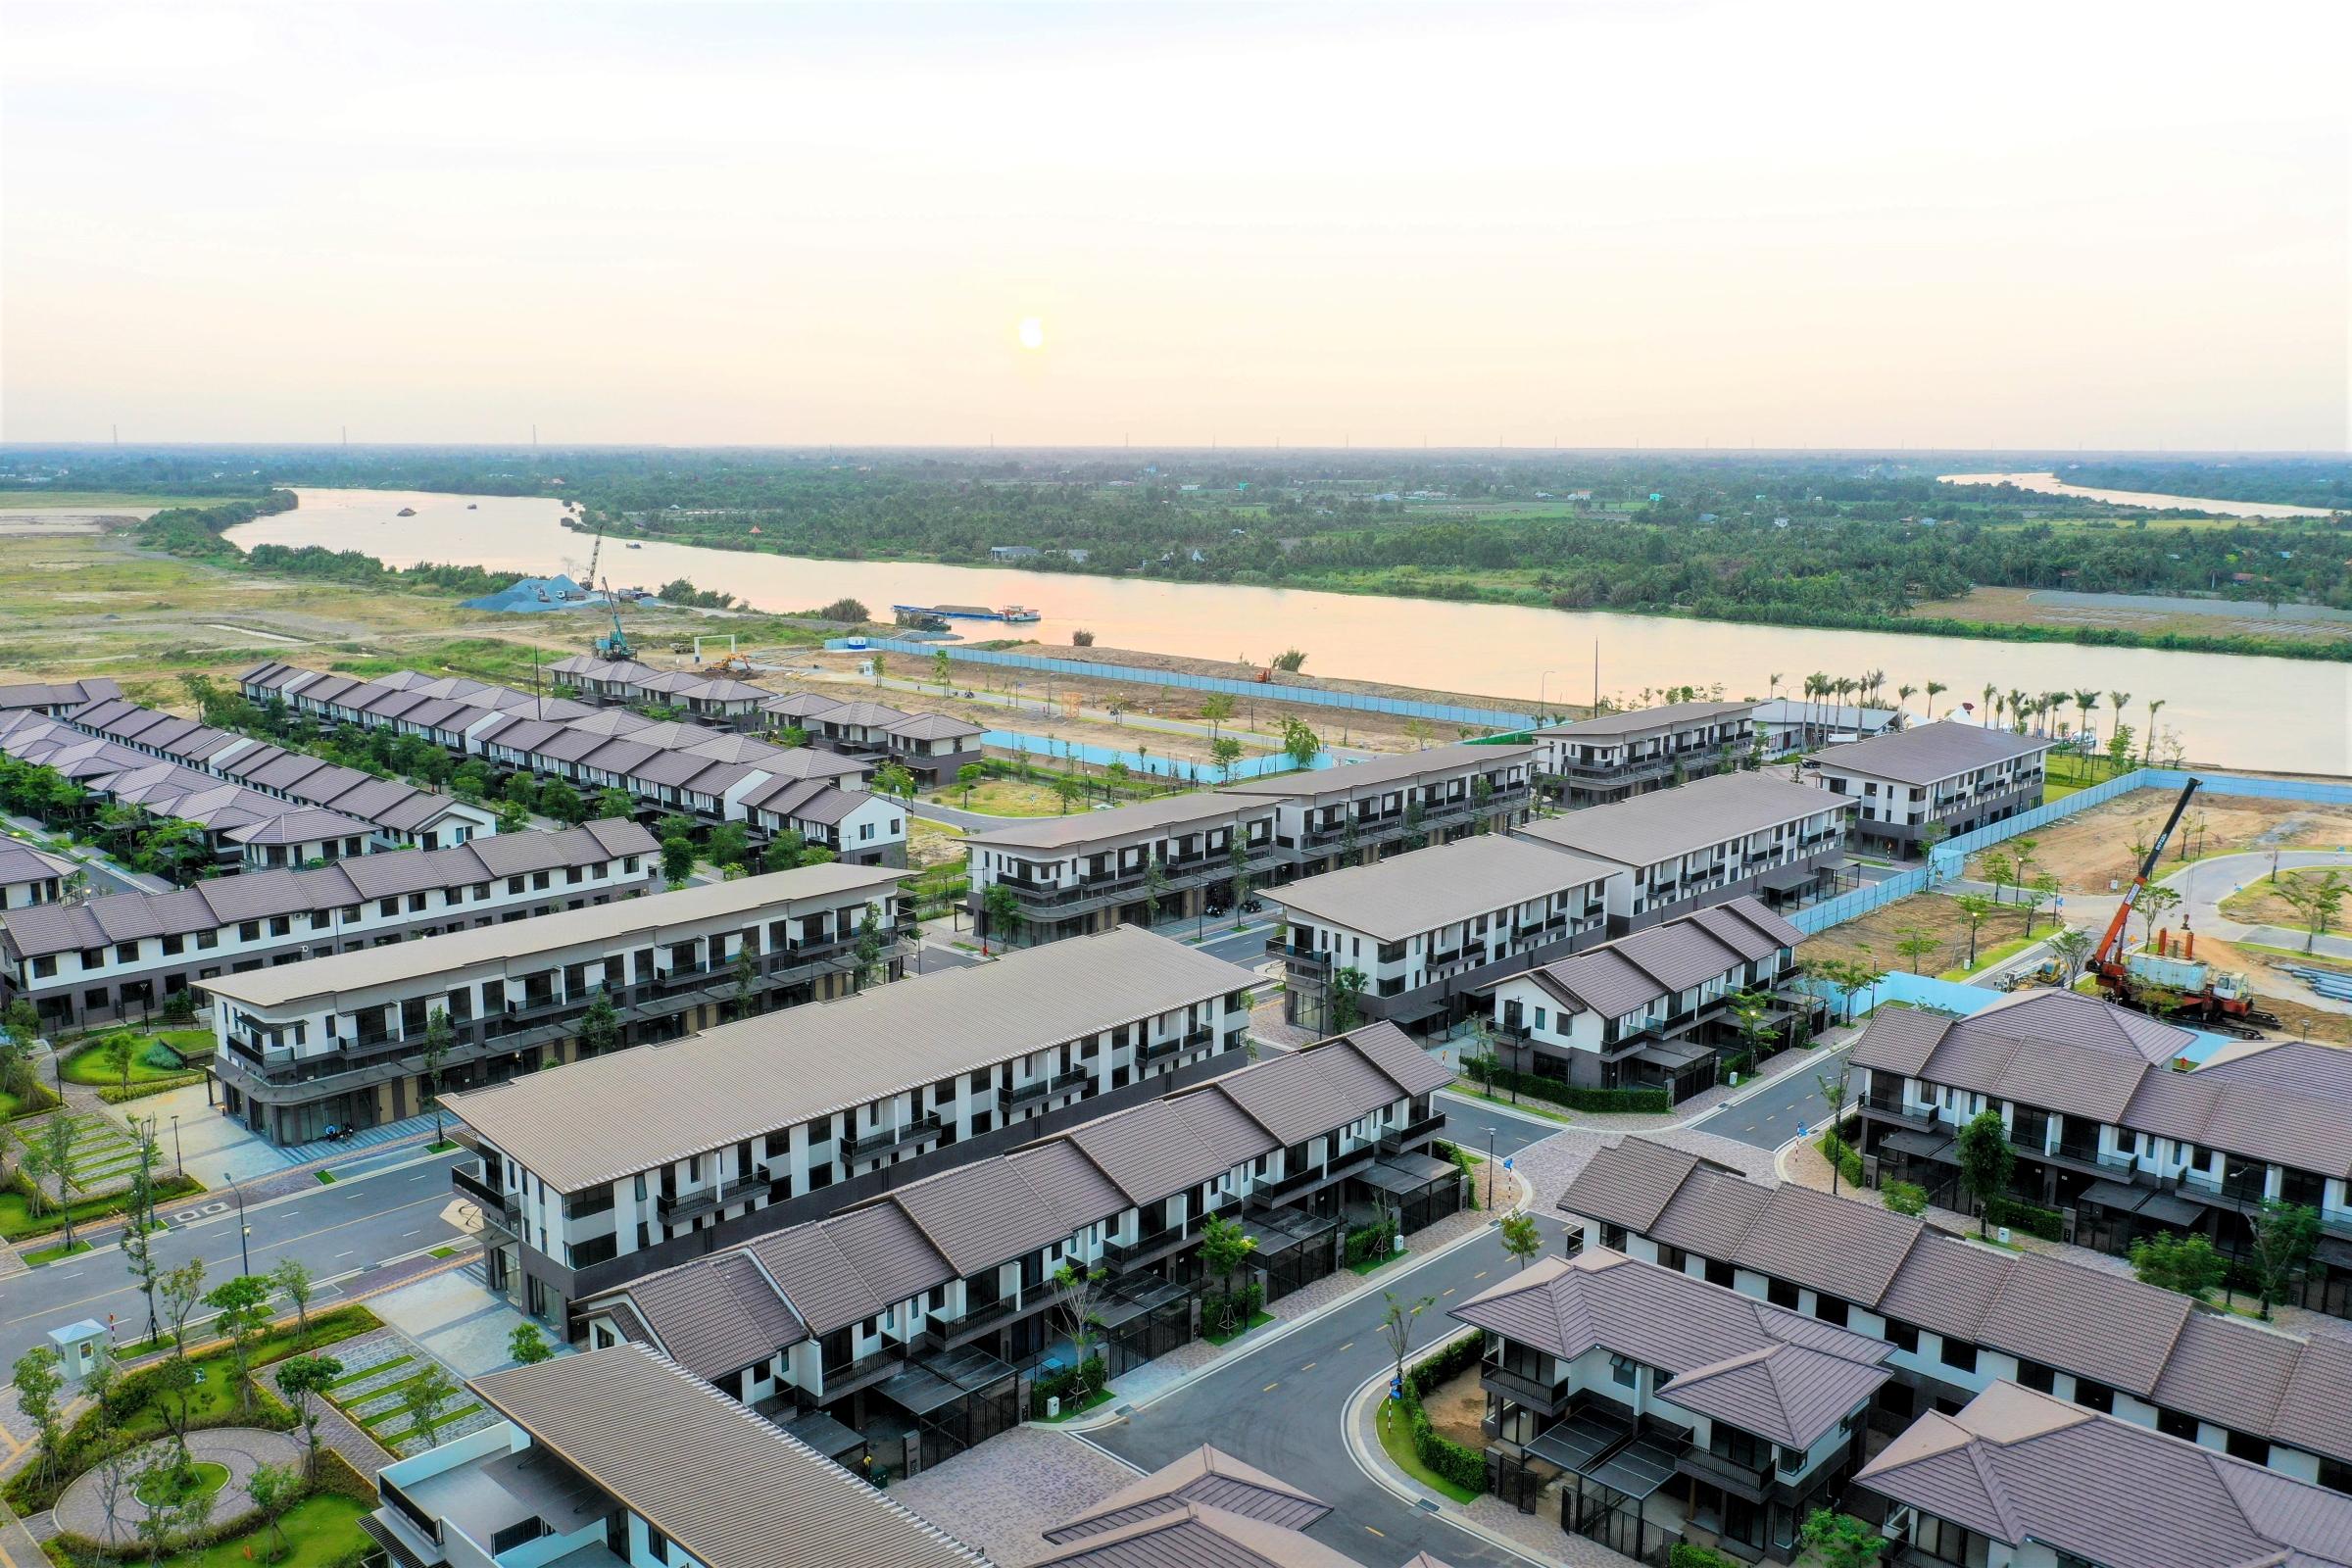 Giai đoạn một khu đô thị Waterpoint do Tập đoàn Nam Long triển khai tại Long An. Ảnh: Nam Long.